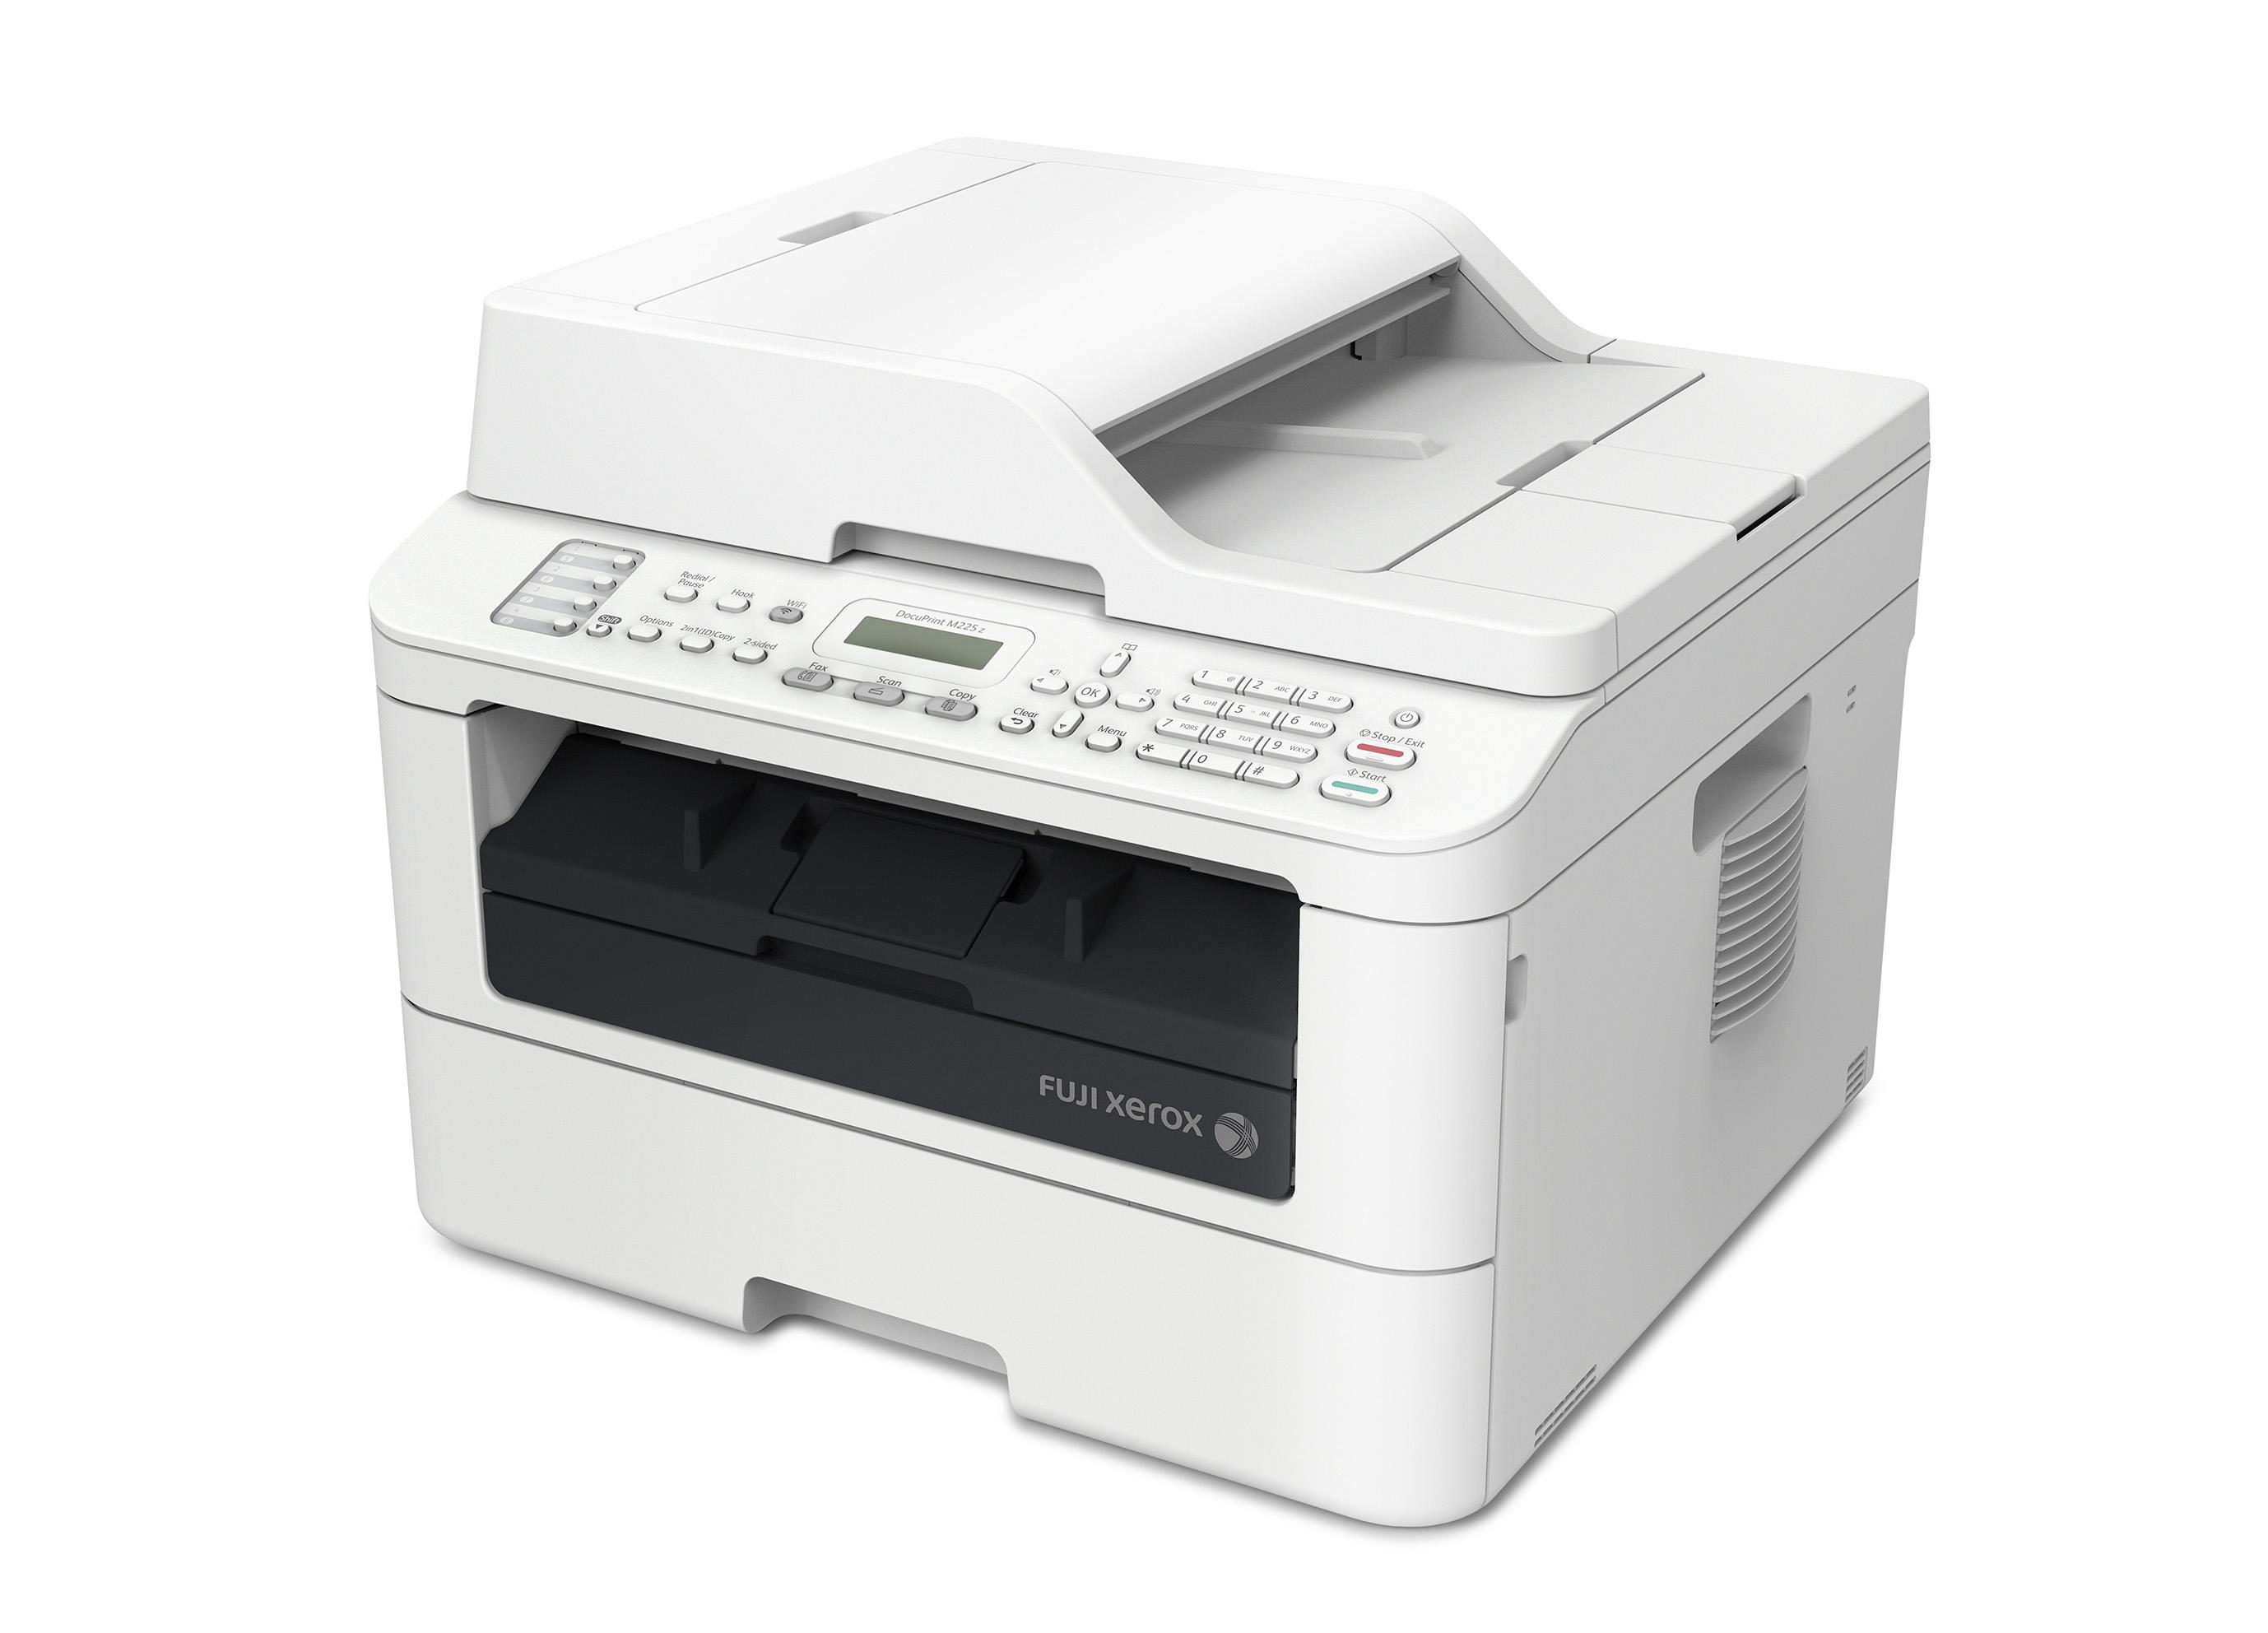 printer-5.png